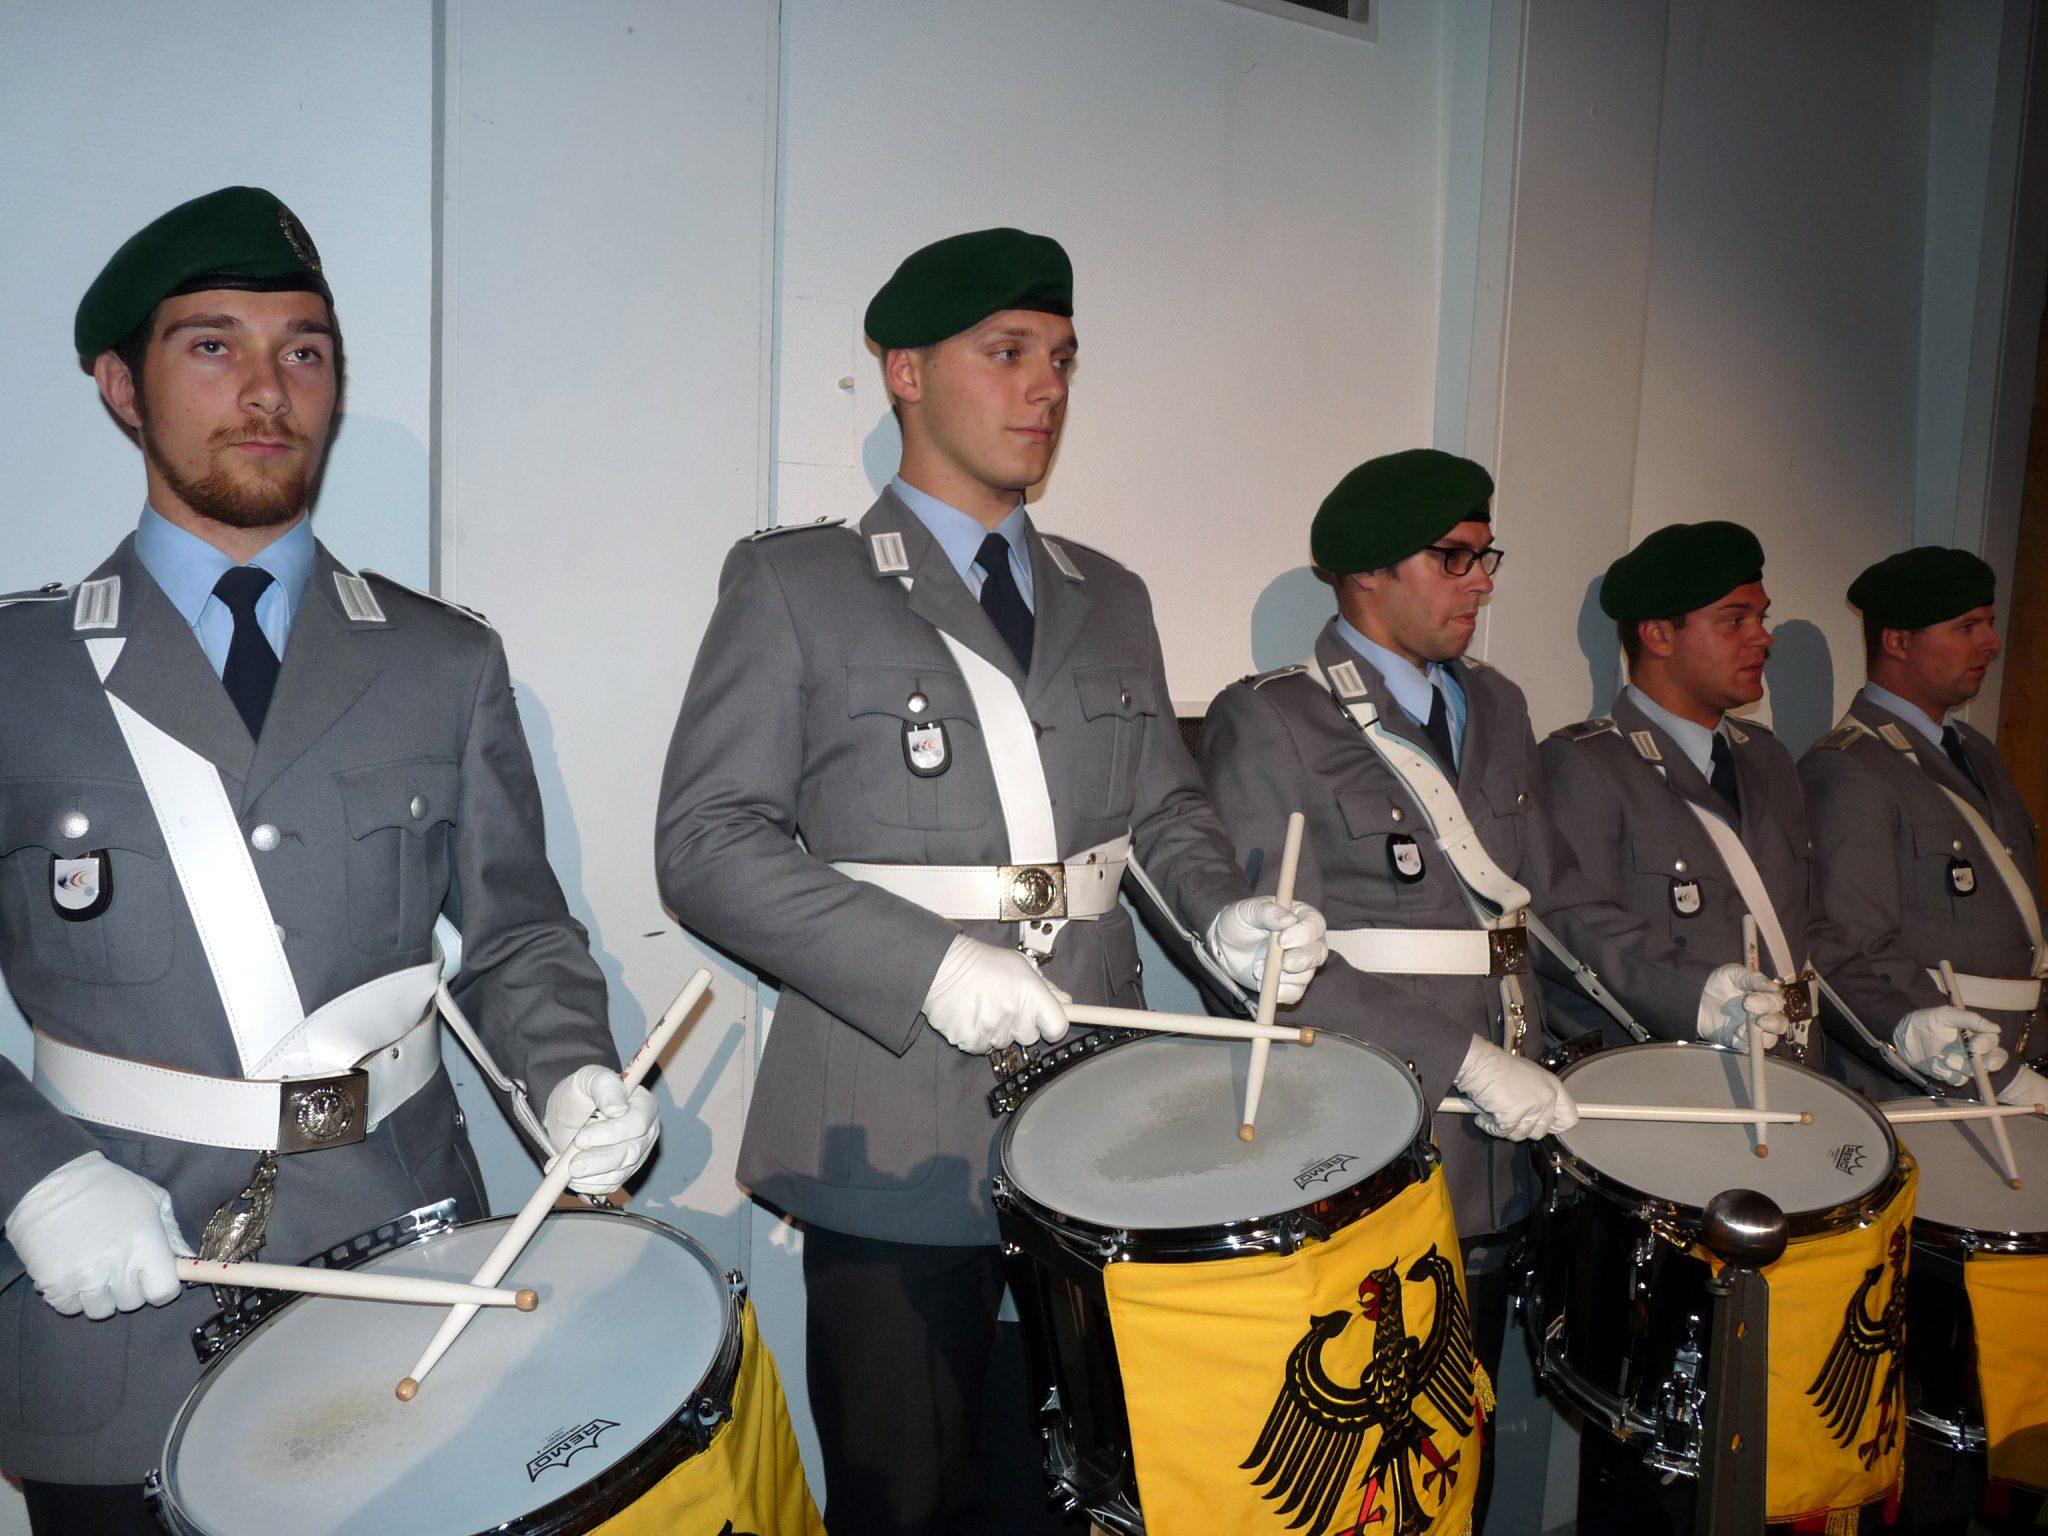 Für die Darbietung der von Alexander Reuber komponierten Trailermusik kam extra eine Trommlerformation des Spielmannszuges der Bundeswehr nach Olpe. Foto: mari